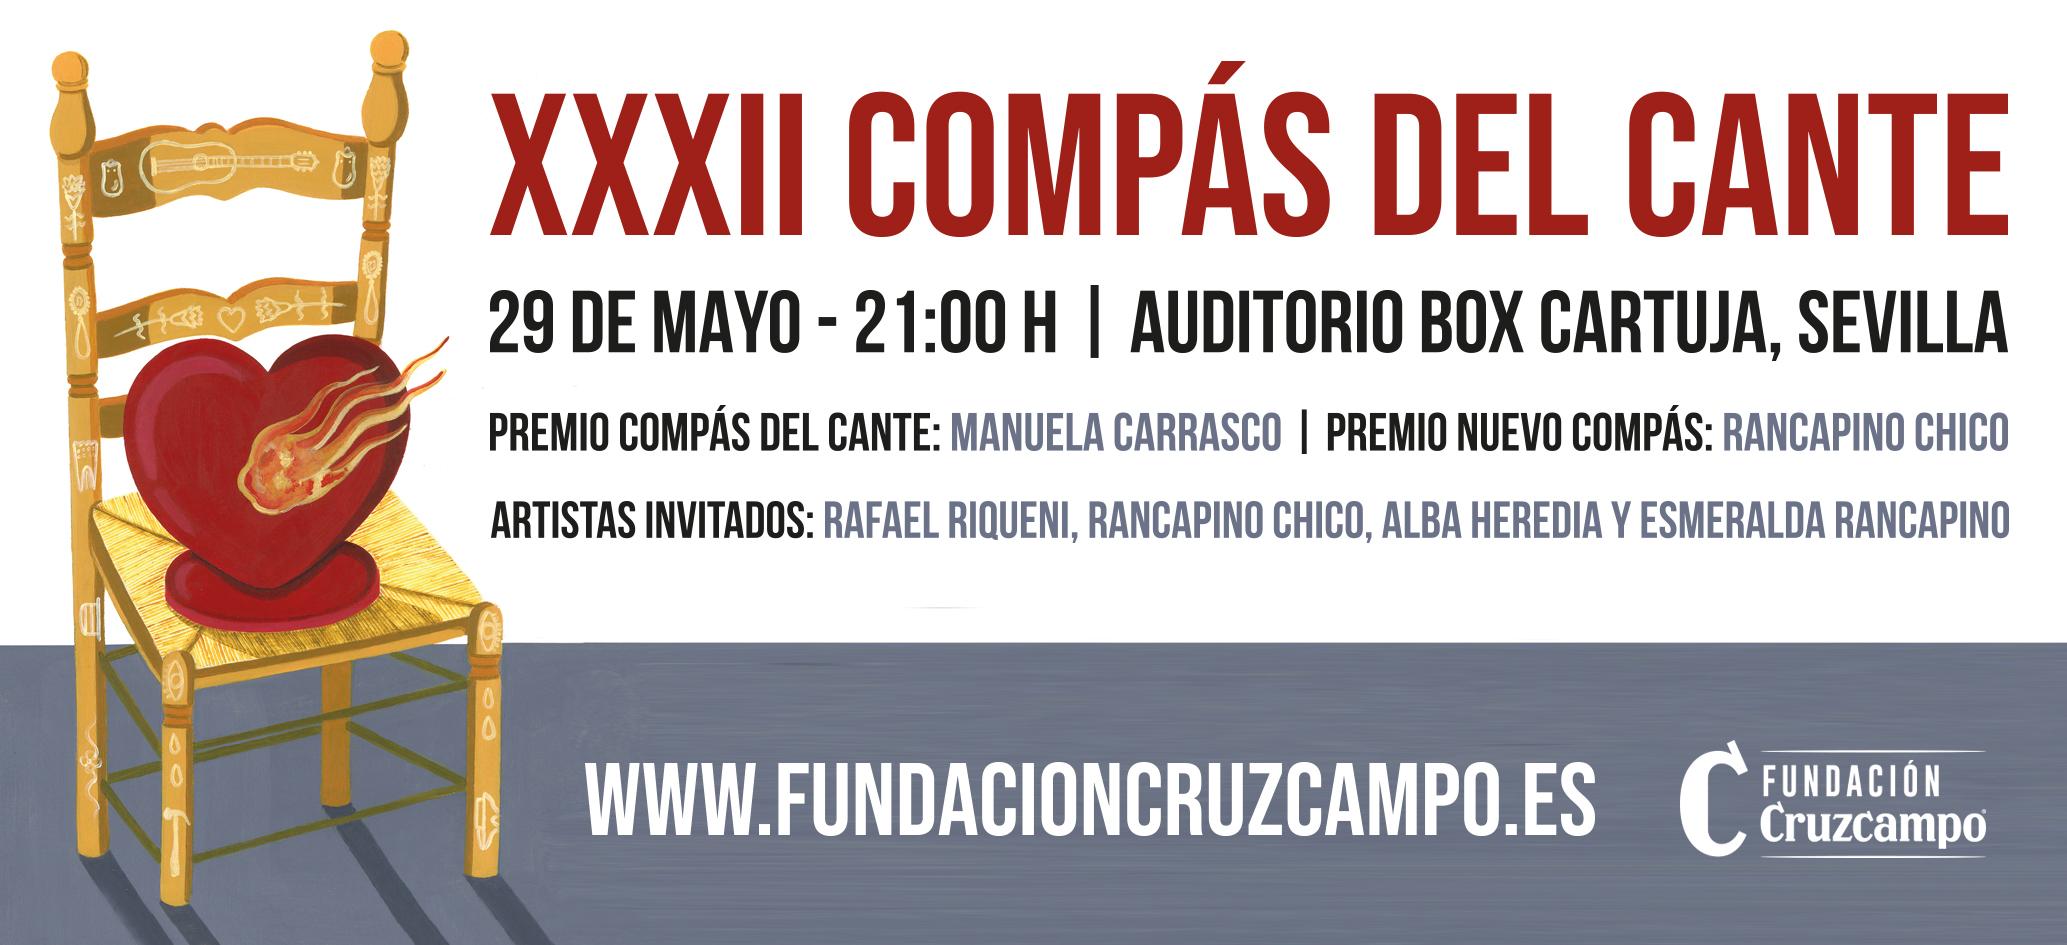 Compás del Cante - Fundación Cruzcampo